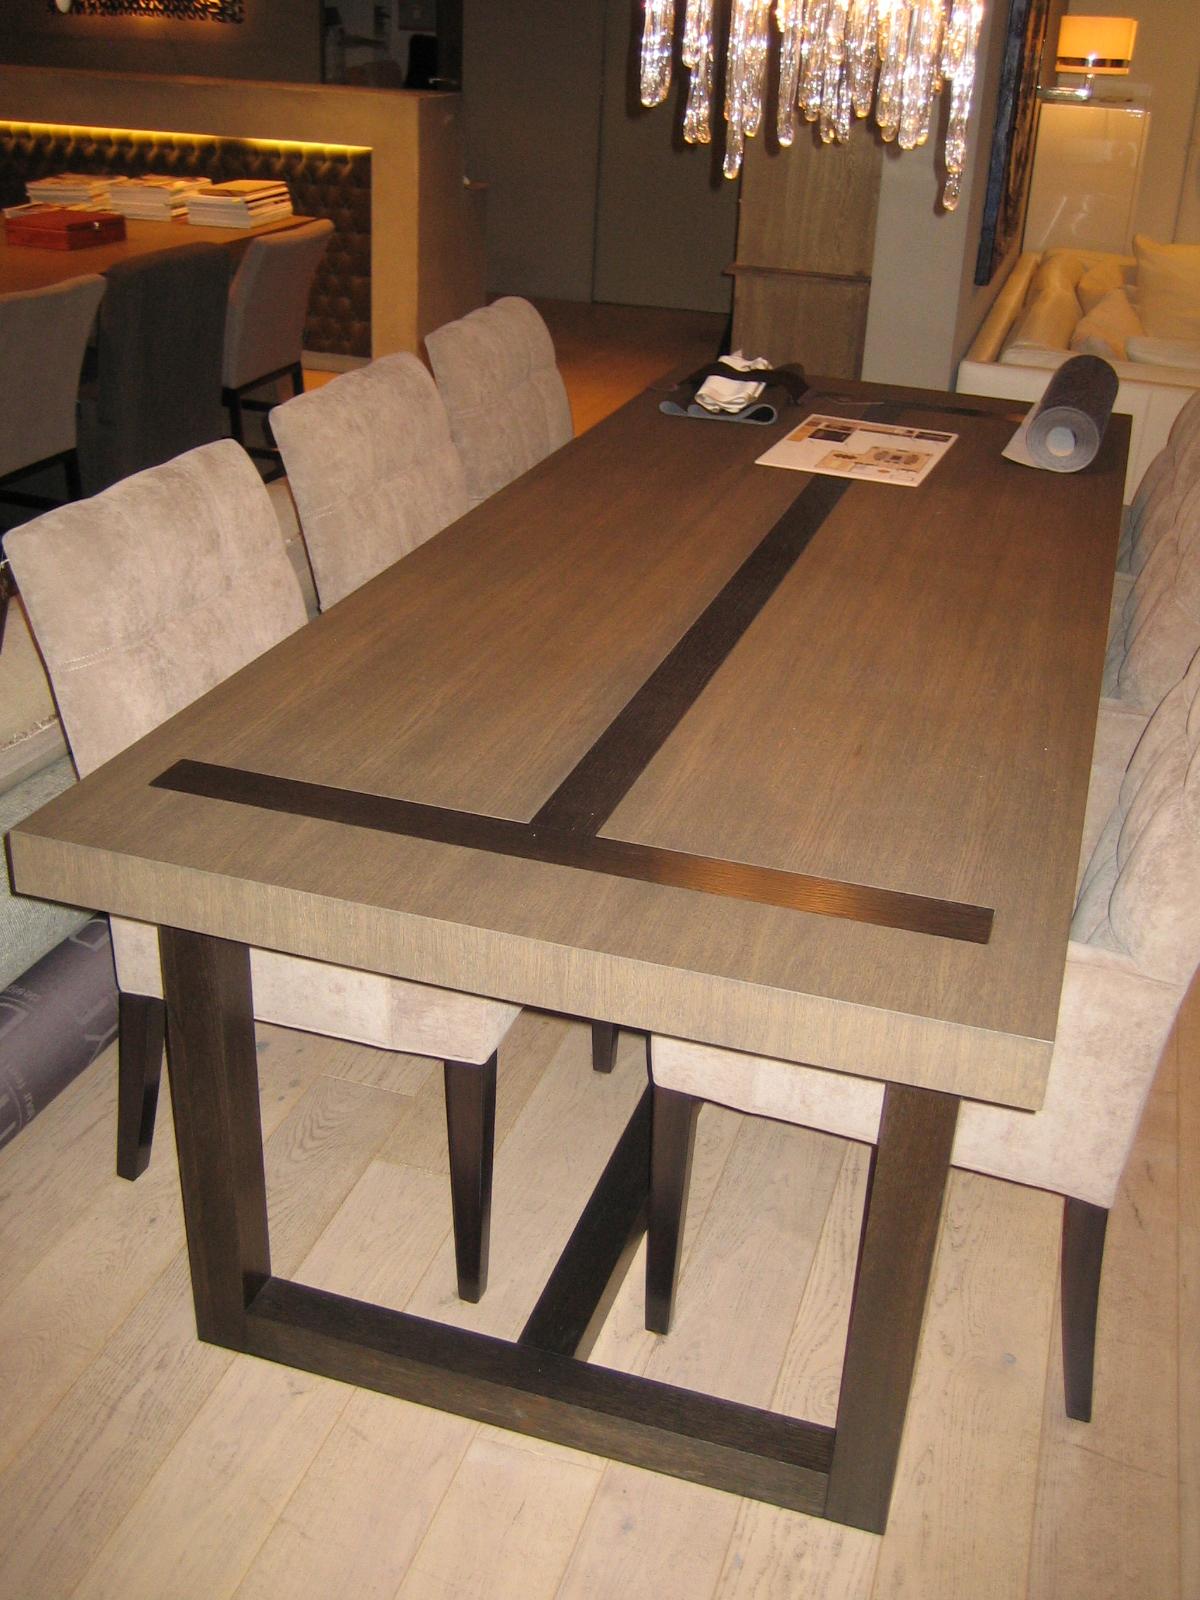 Eetkamertafel hvs design maatwerk meubelen speciaal for Design eetkamertafel